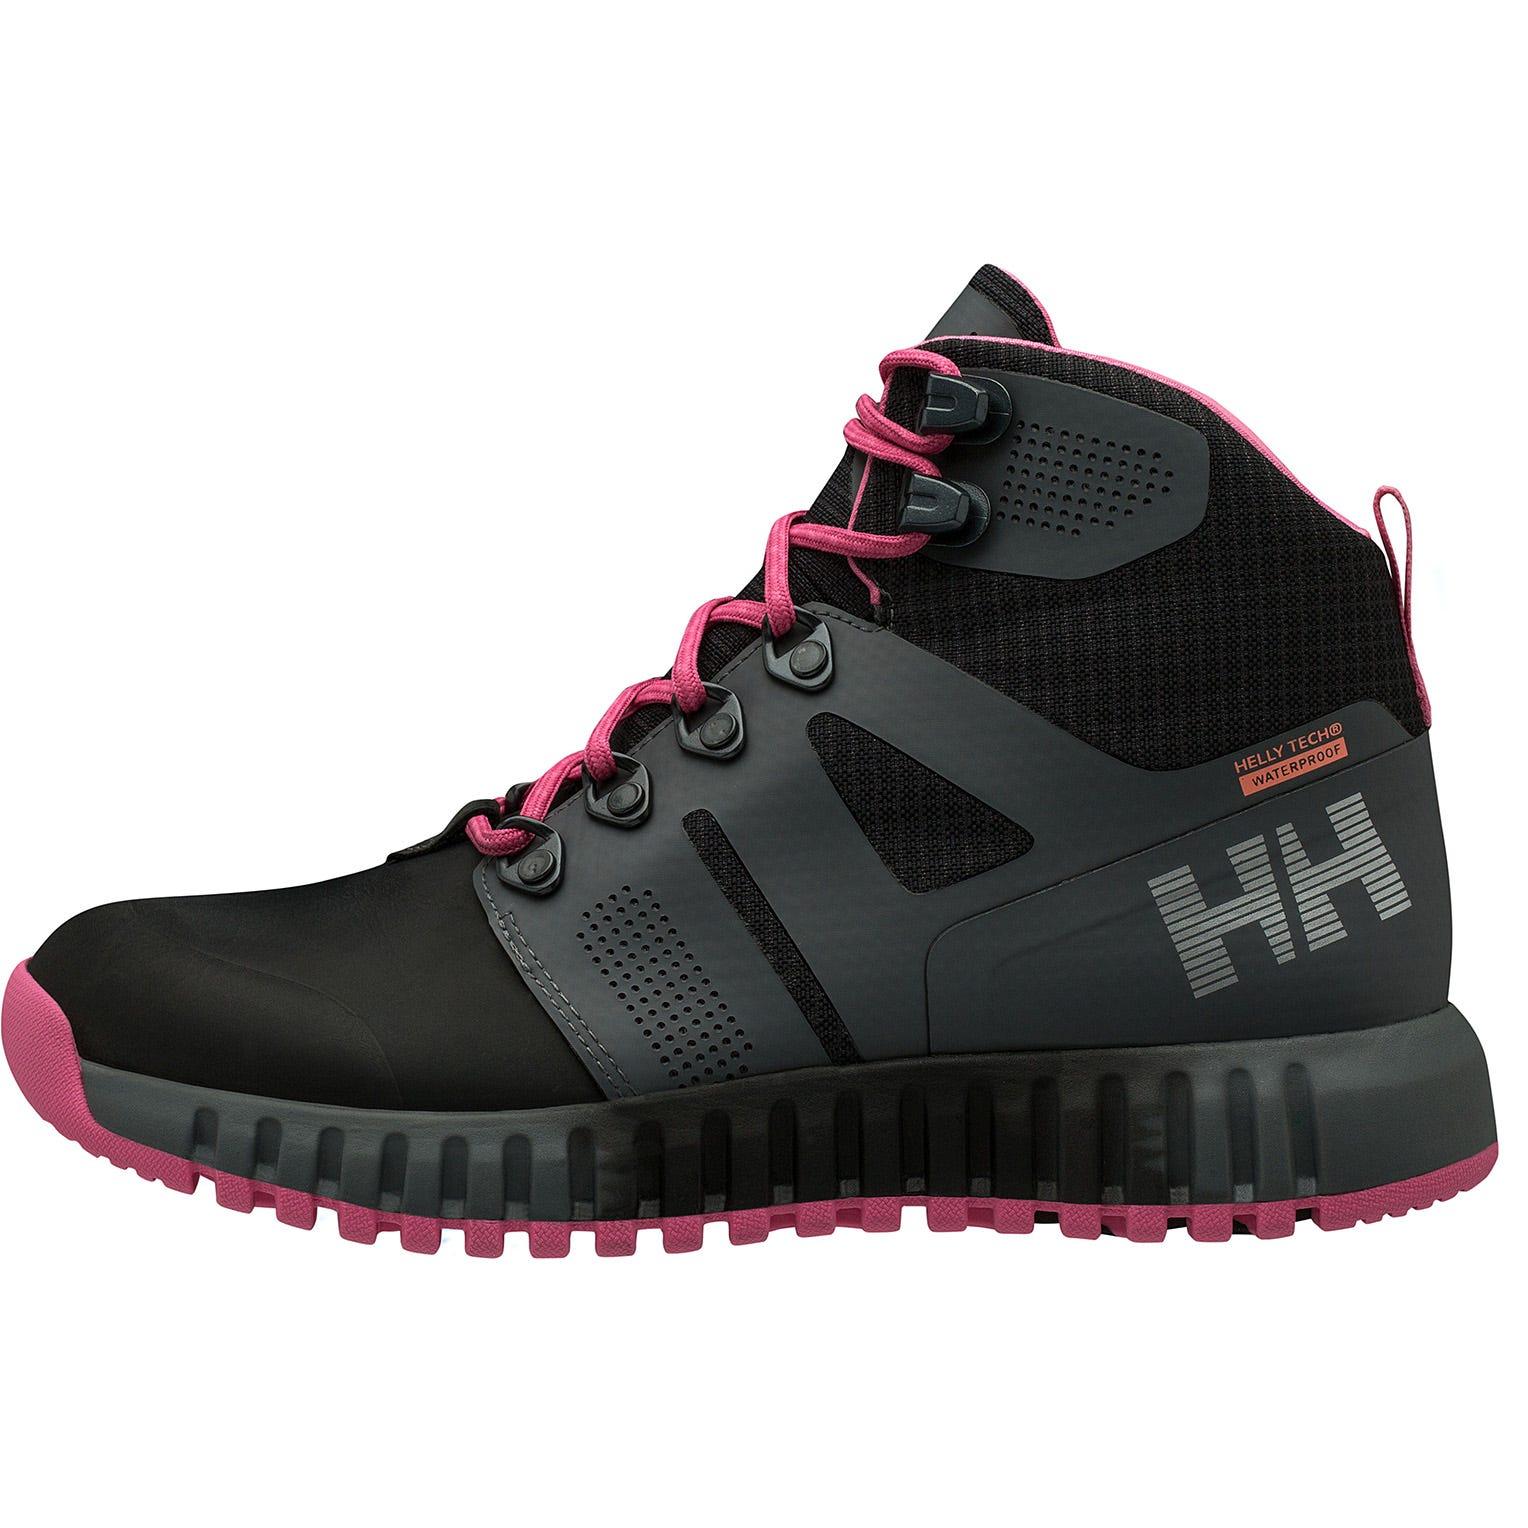 Helly Hansen W Vanir Gallivant Ht Womens Hiking Boot Black 37.5/6.5